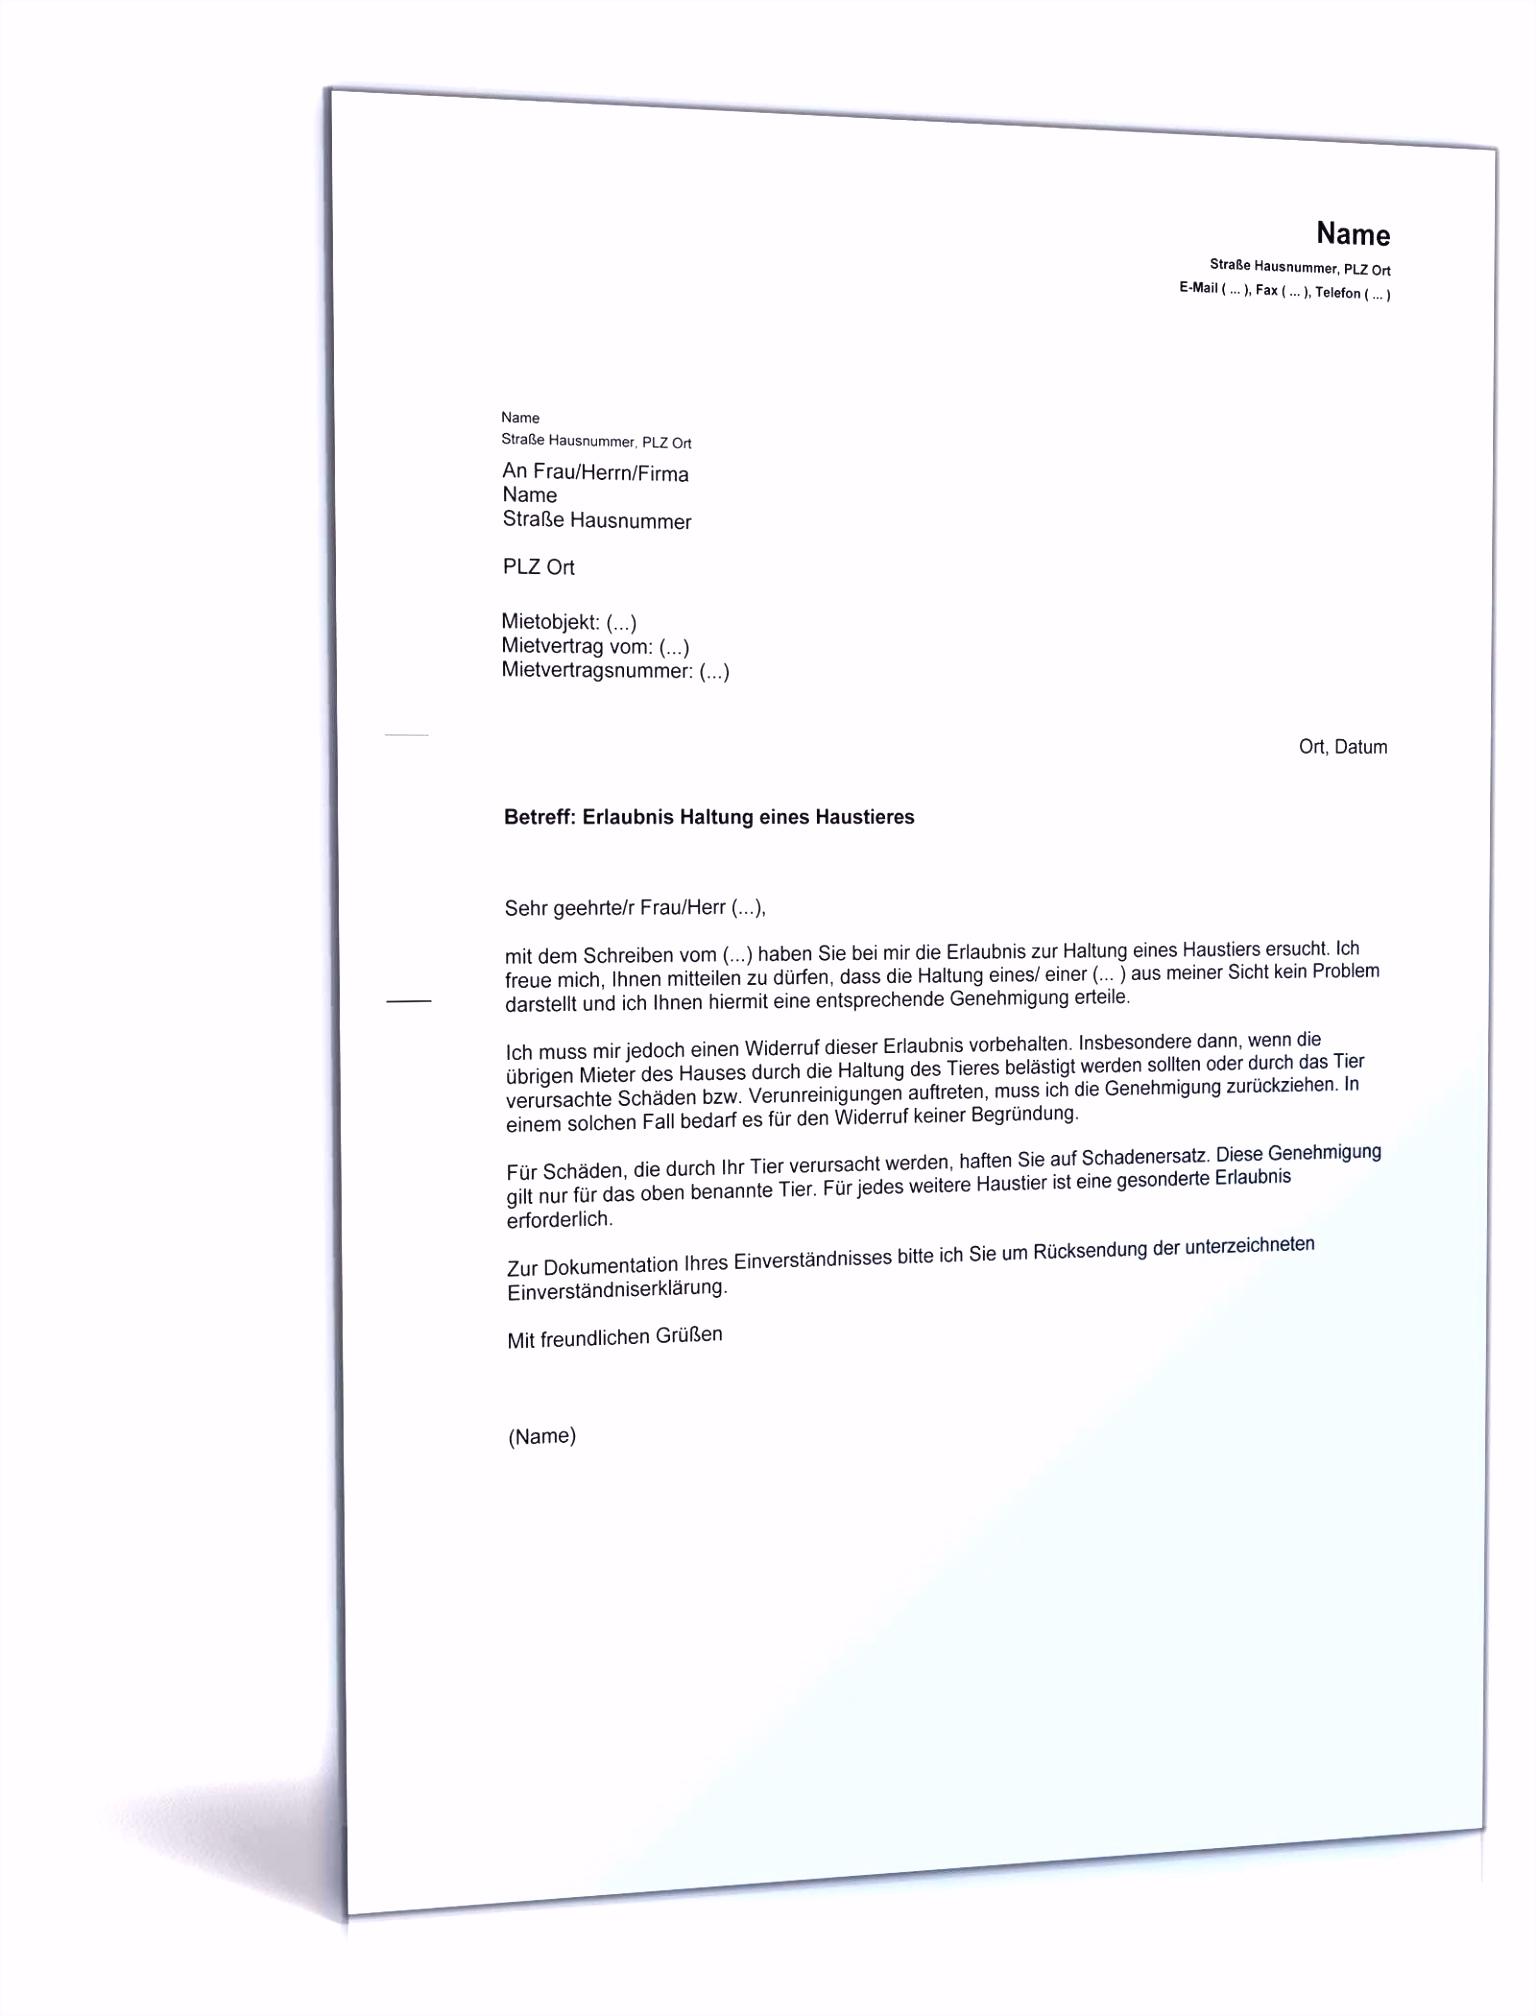 Schön Kündigung Mietvertrag Vorlage Mieterbund